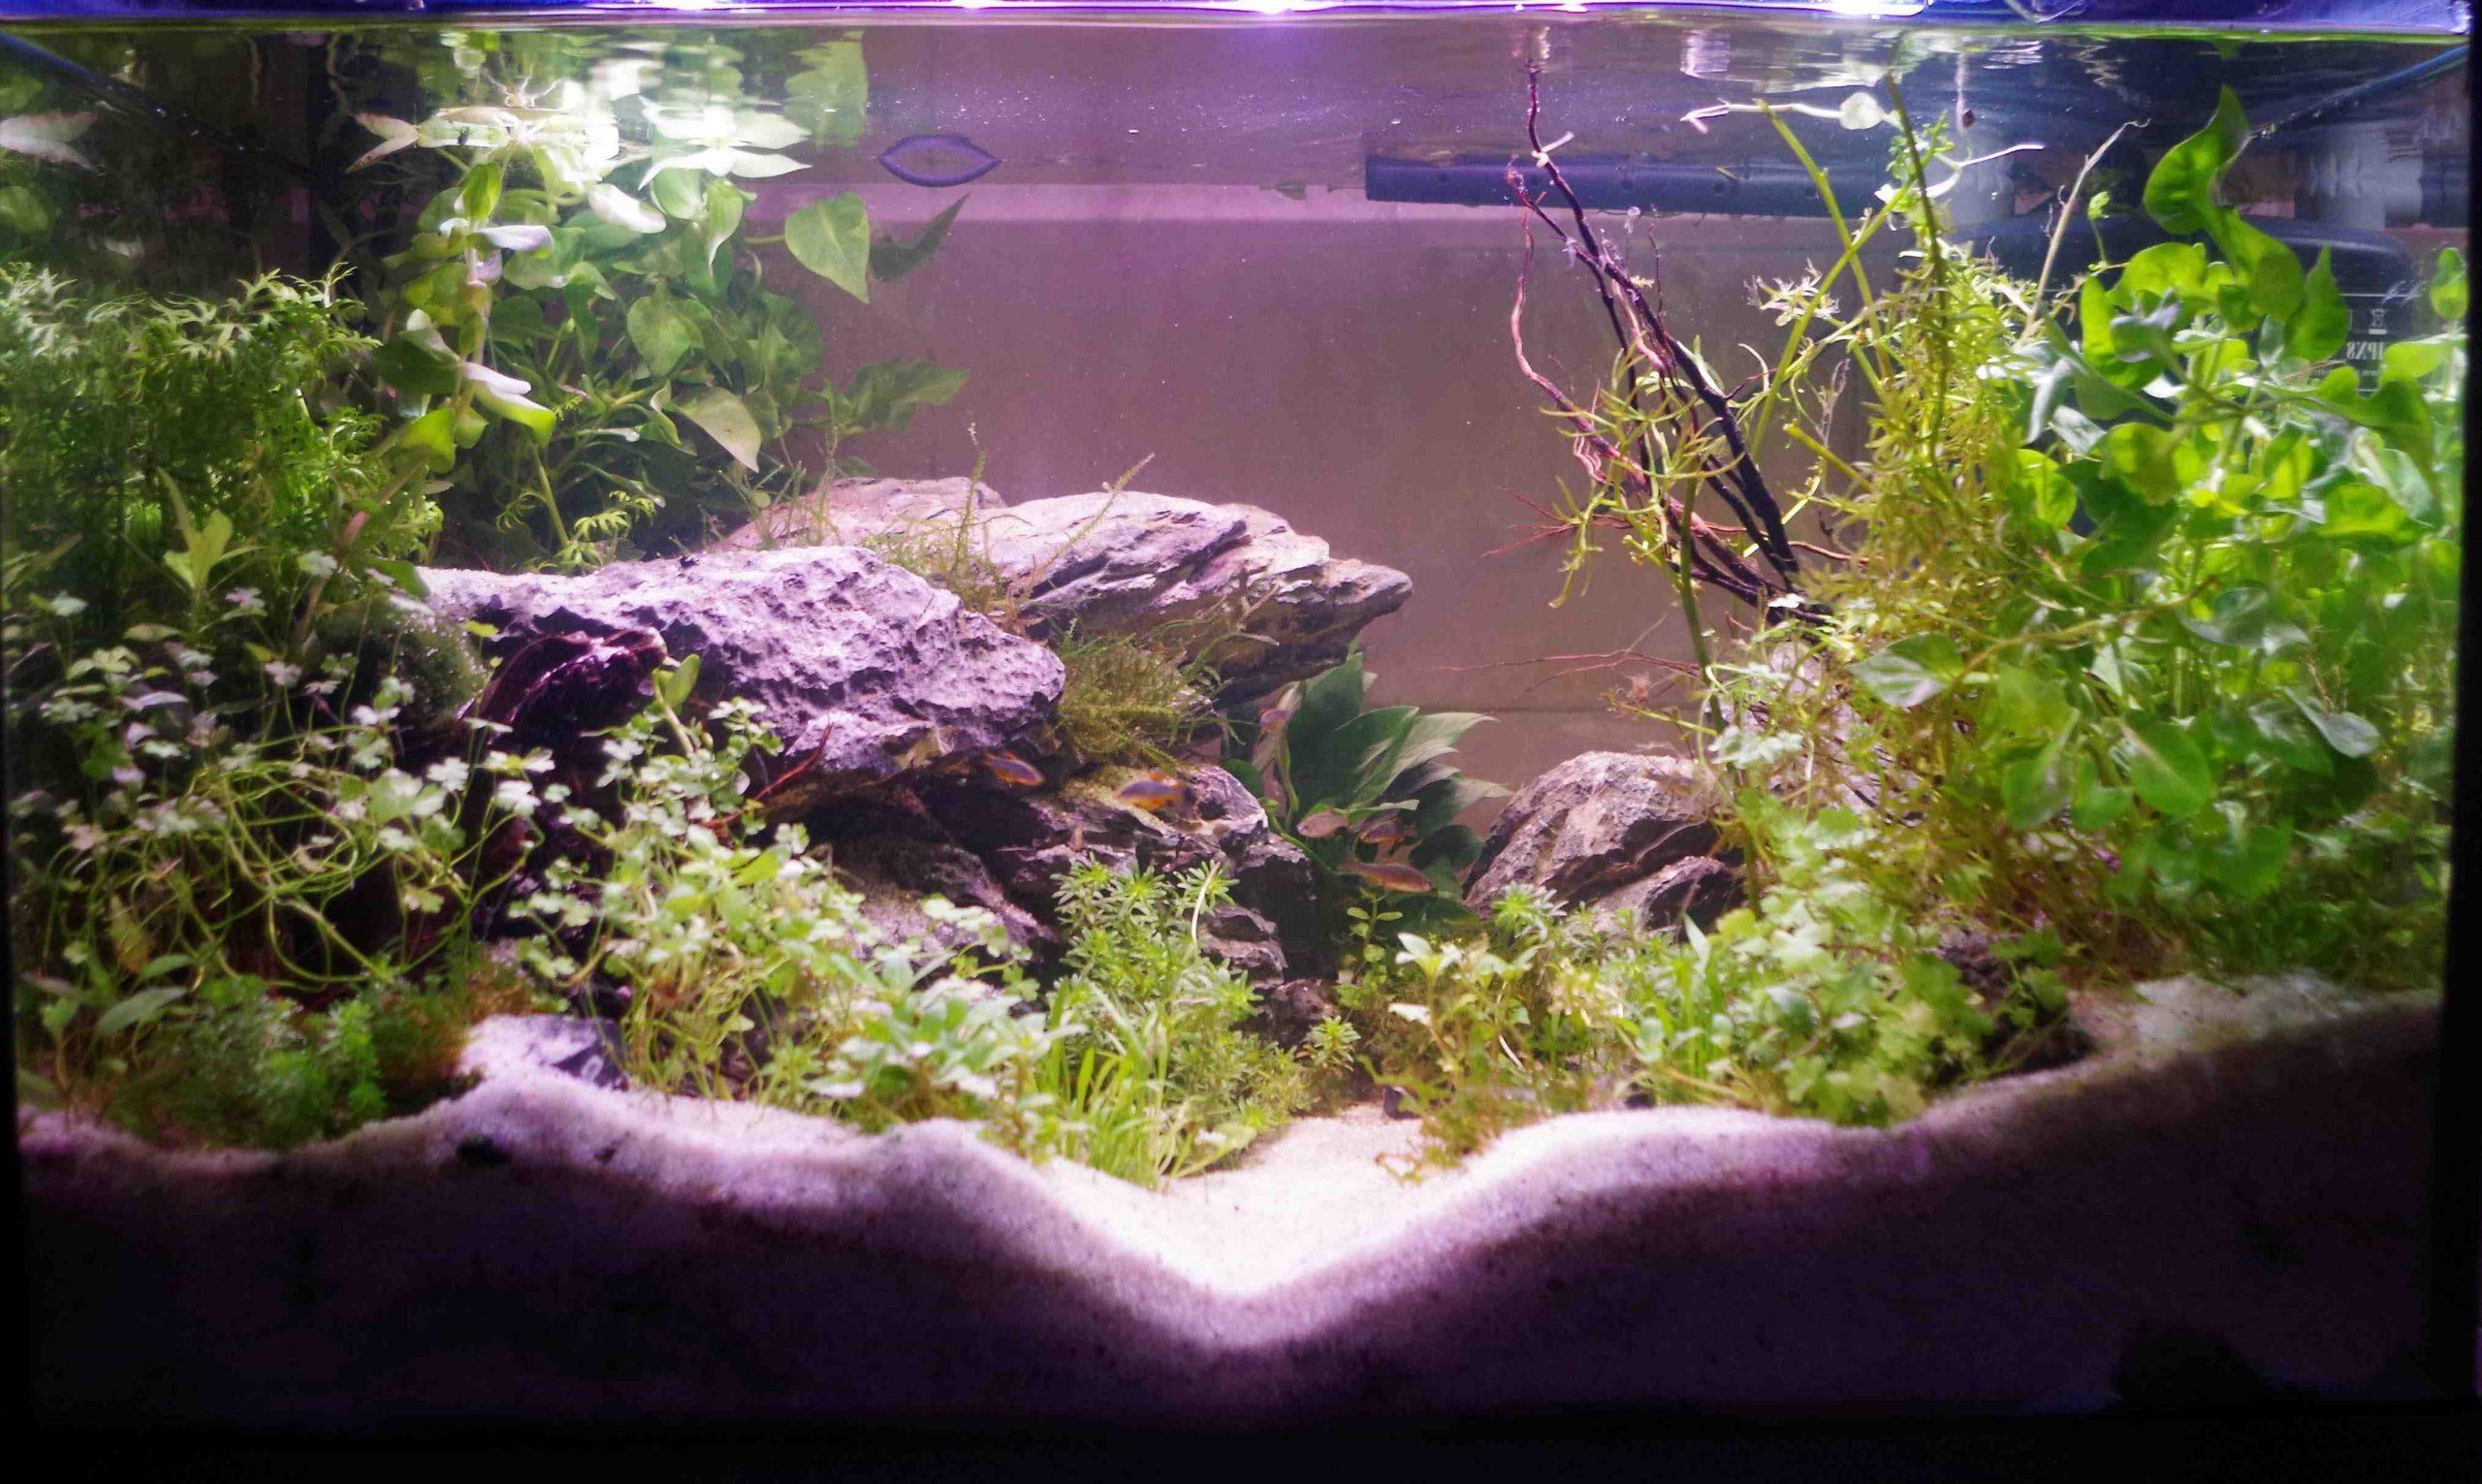 Quelle racine pour un aquarium amazonien?